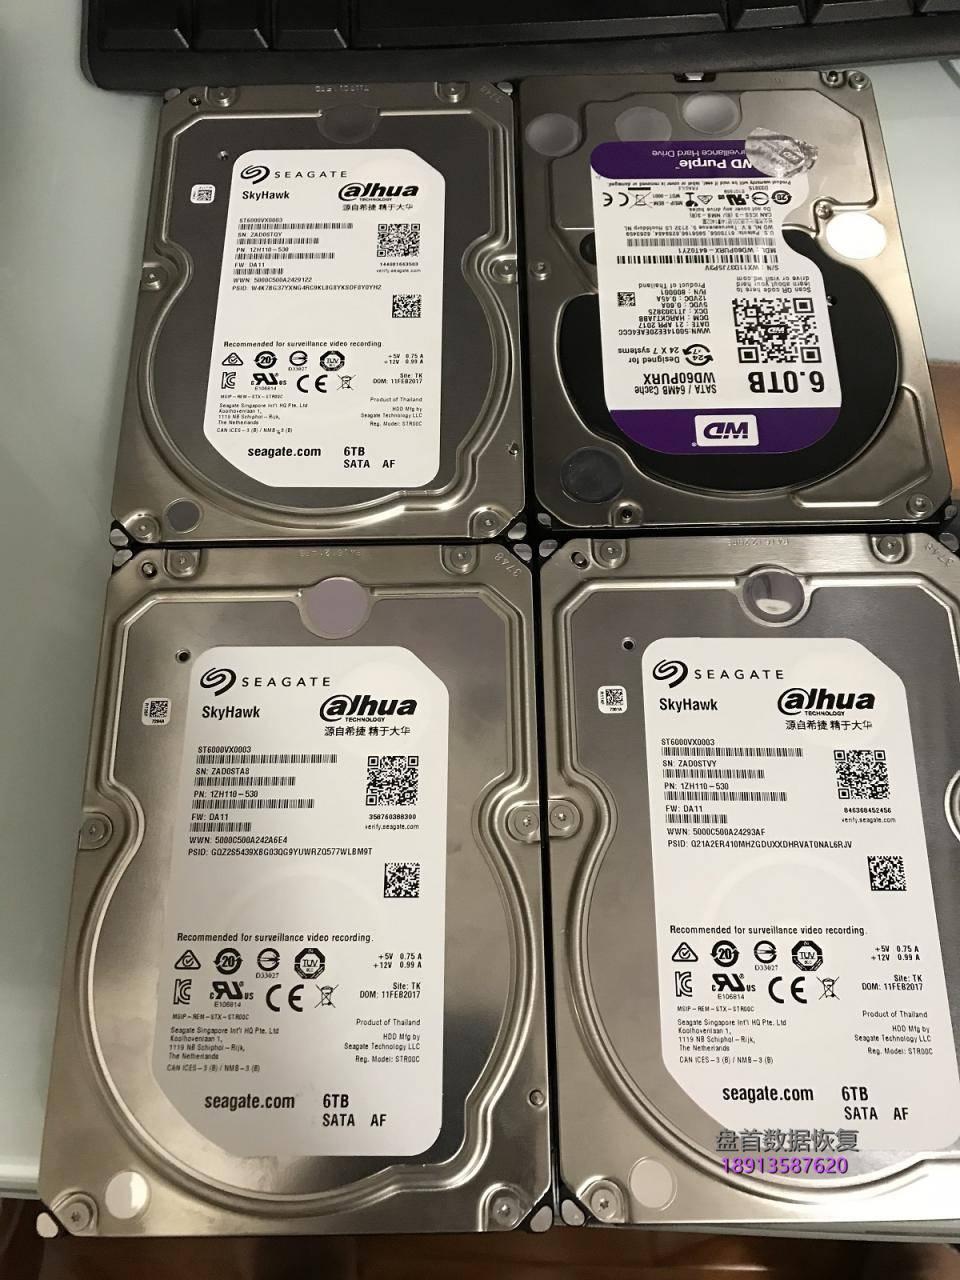 完美恢复diy服务器4块6tb硬盘raid5阵列出错导致2块硬盘同 完美恢复DIY服务器4块6TB硬盘RAID5阵列出错导致2块硬盘同时掉线数据恢复成功